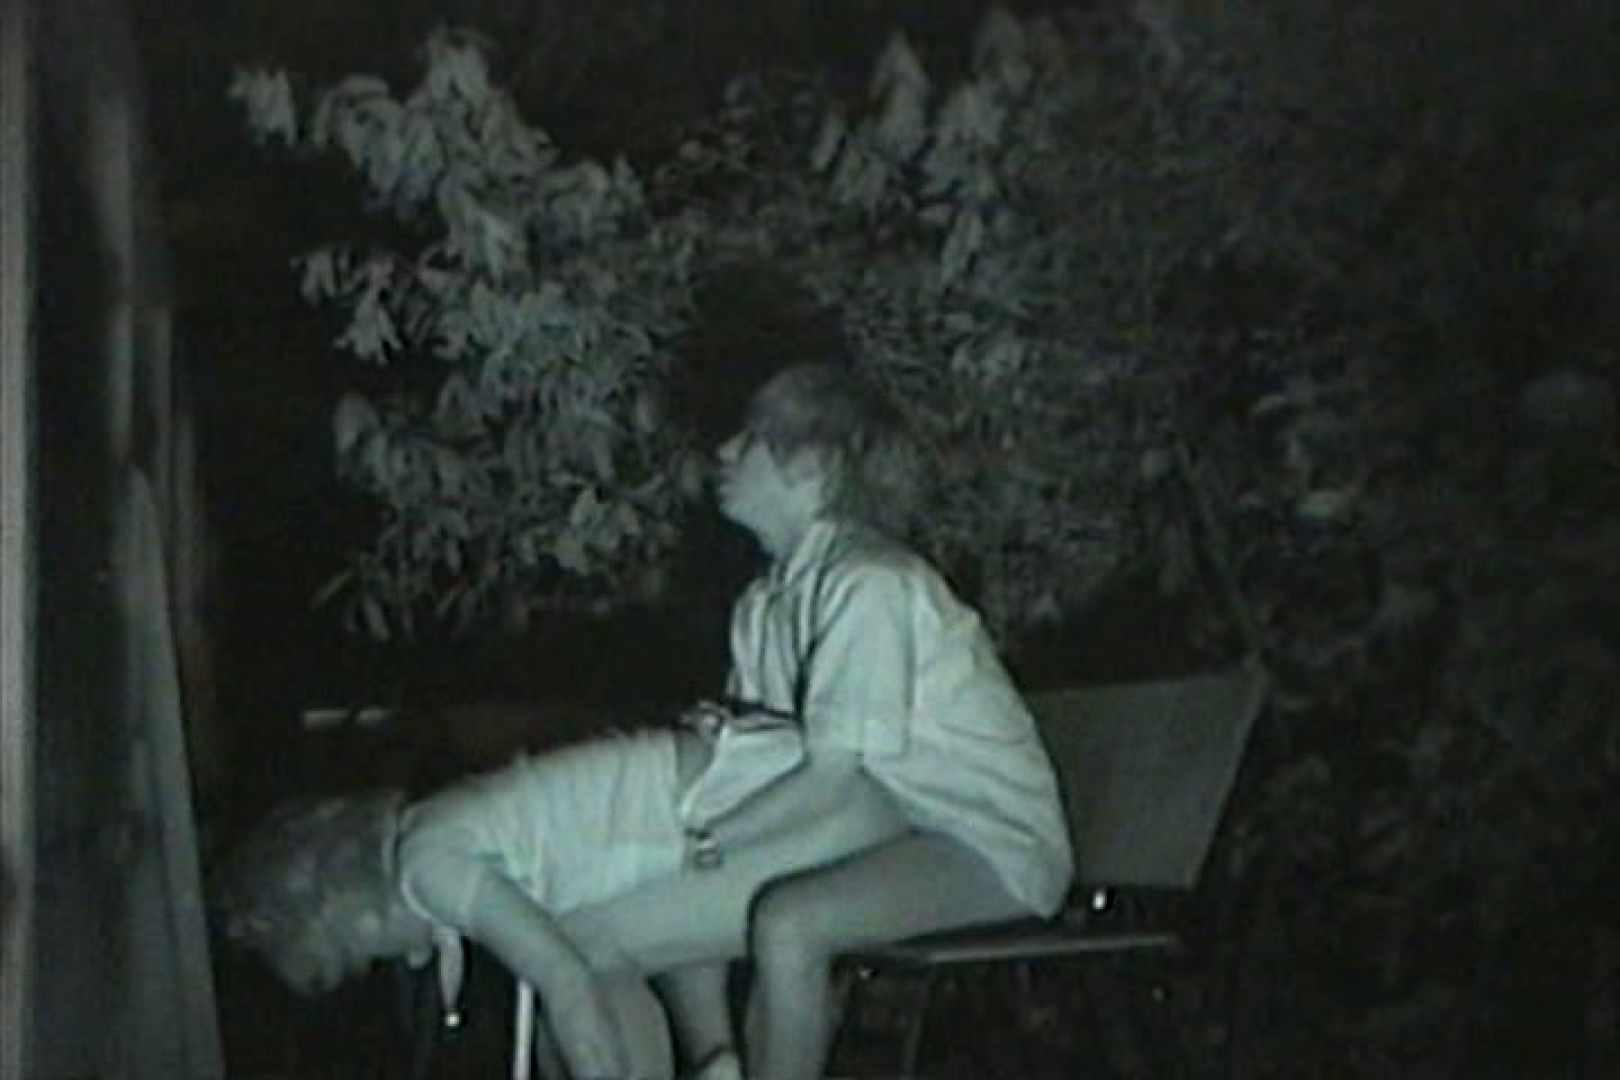 闇の仕掛け人 無修正版 Vol.24 ホテル隠し撮り 隠し撮りオマンコ動画紹介 101pic 78